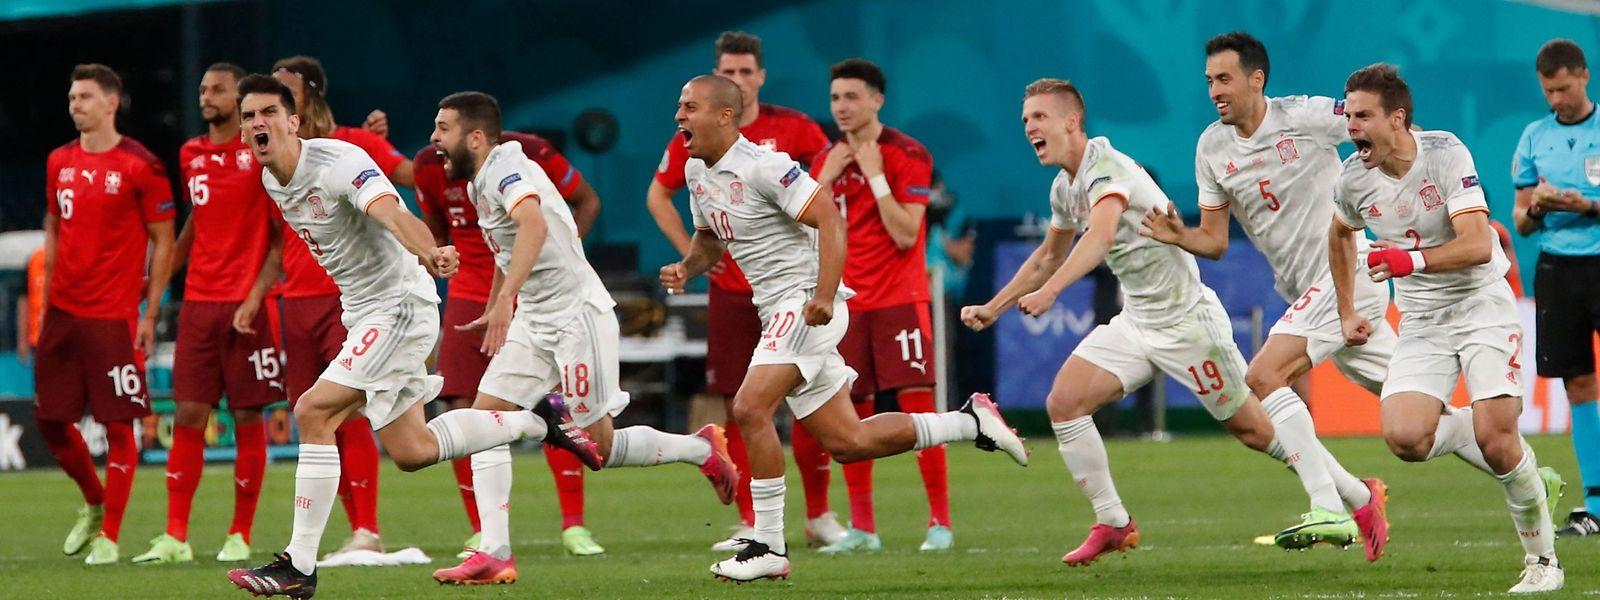 L'Espagne a dû attendre les tirs au but pour obtenir son billet pour les demi-finales, face à la Suisse.